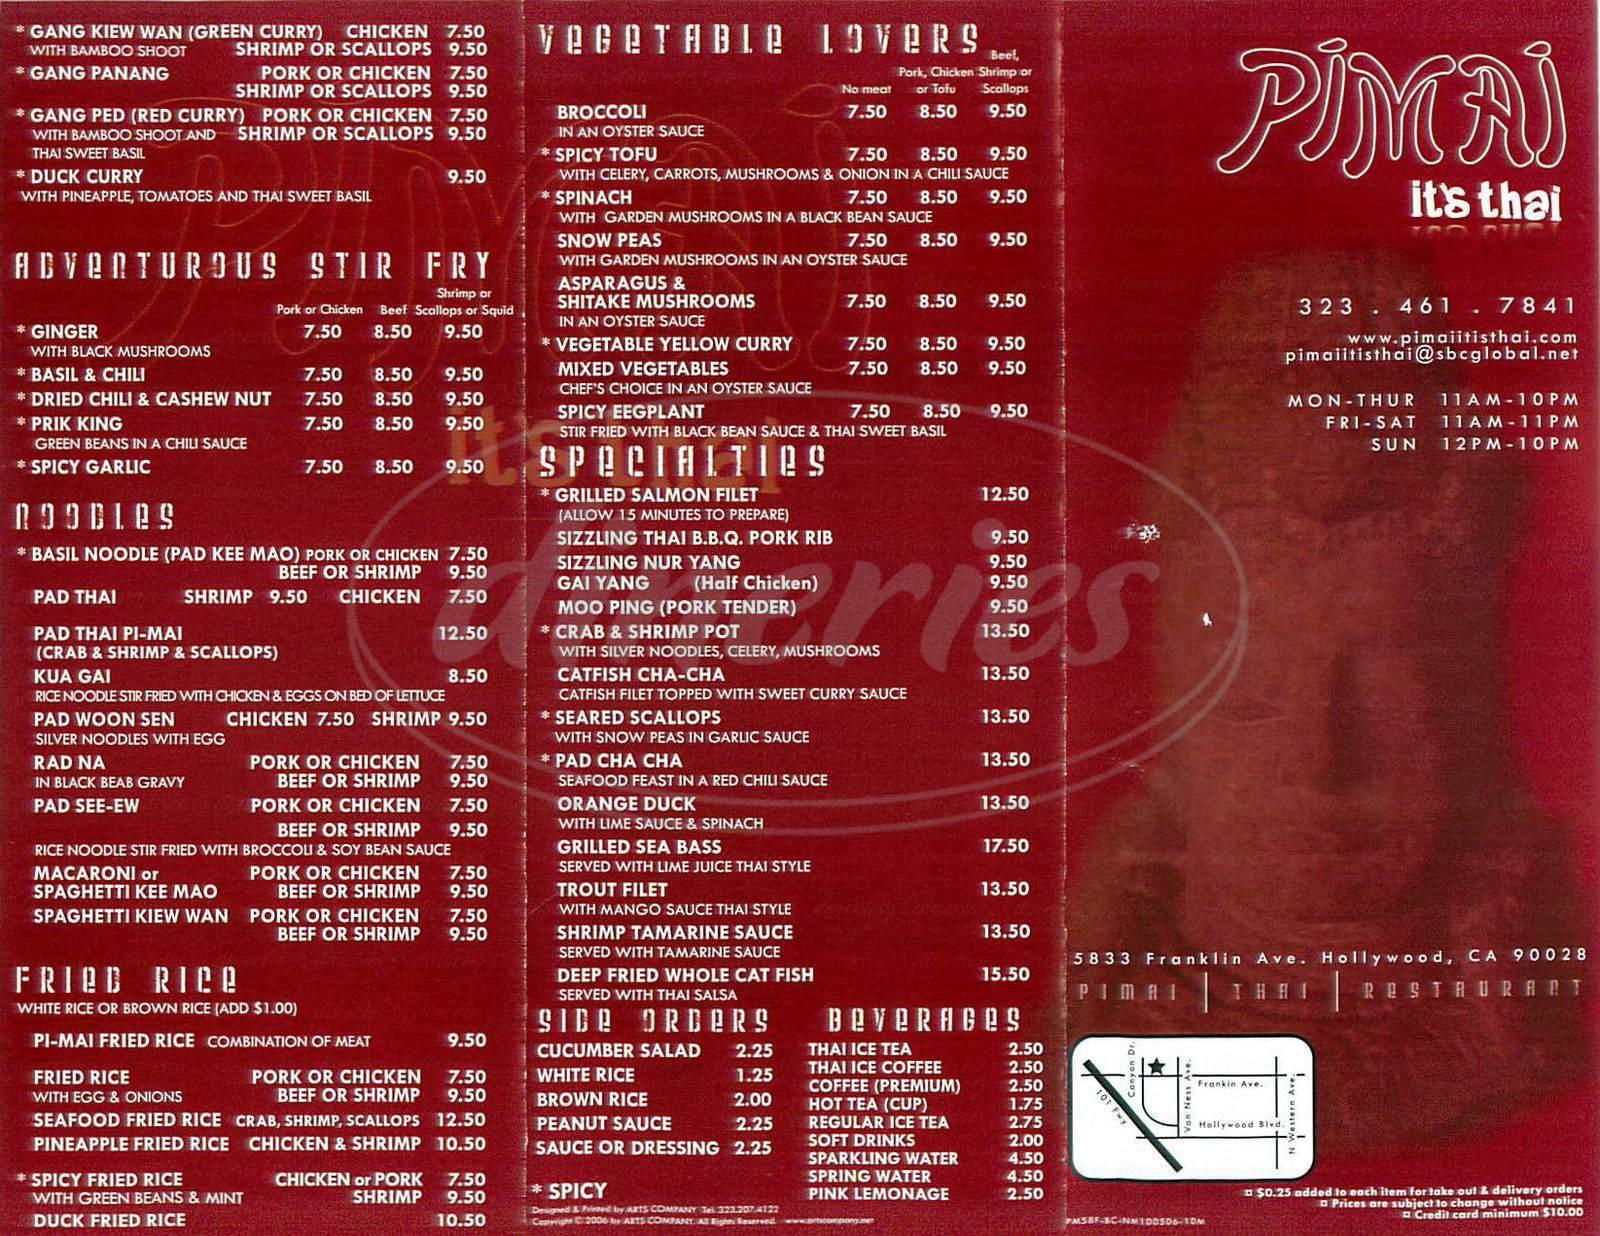 menu for Pimai Restaurant